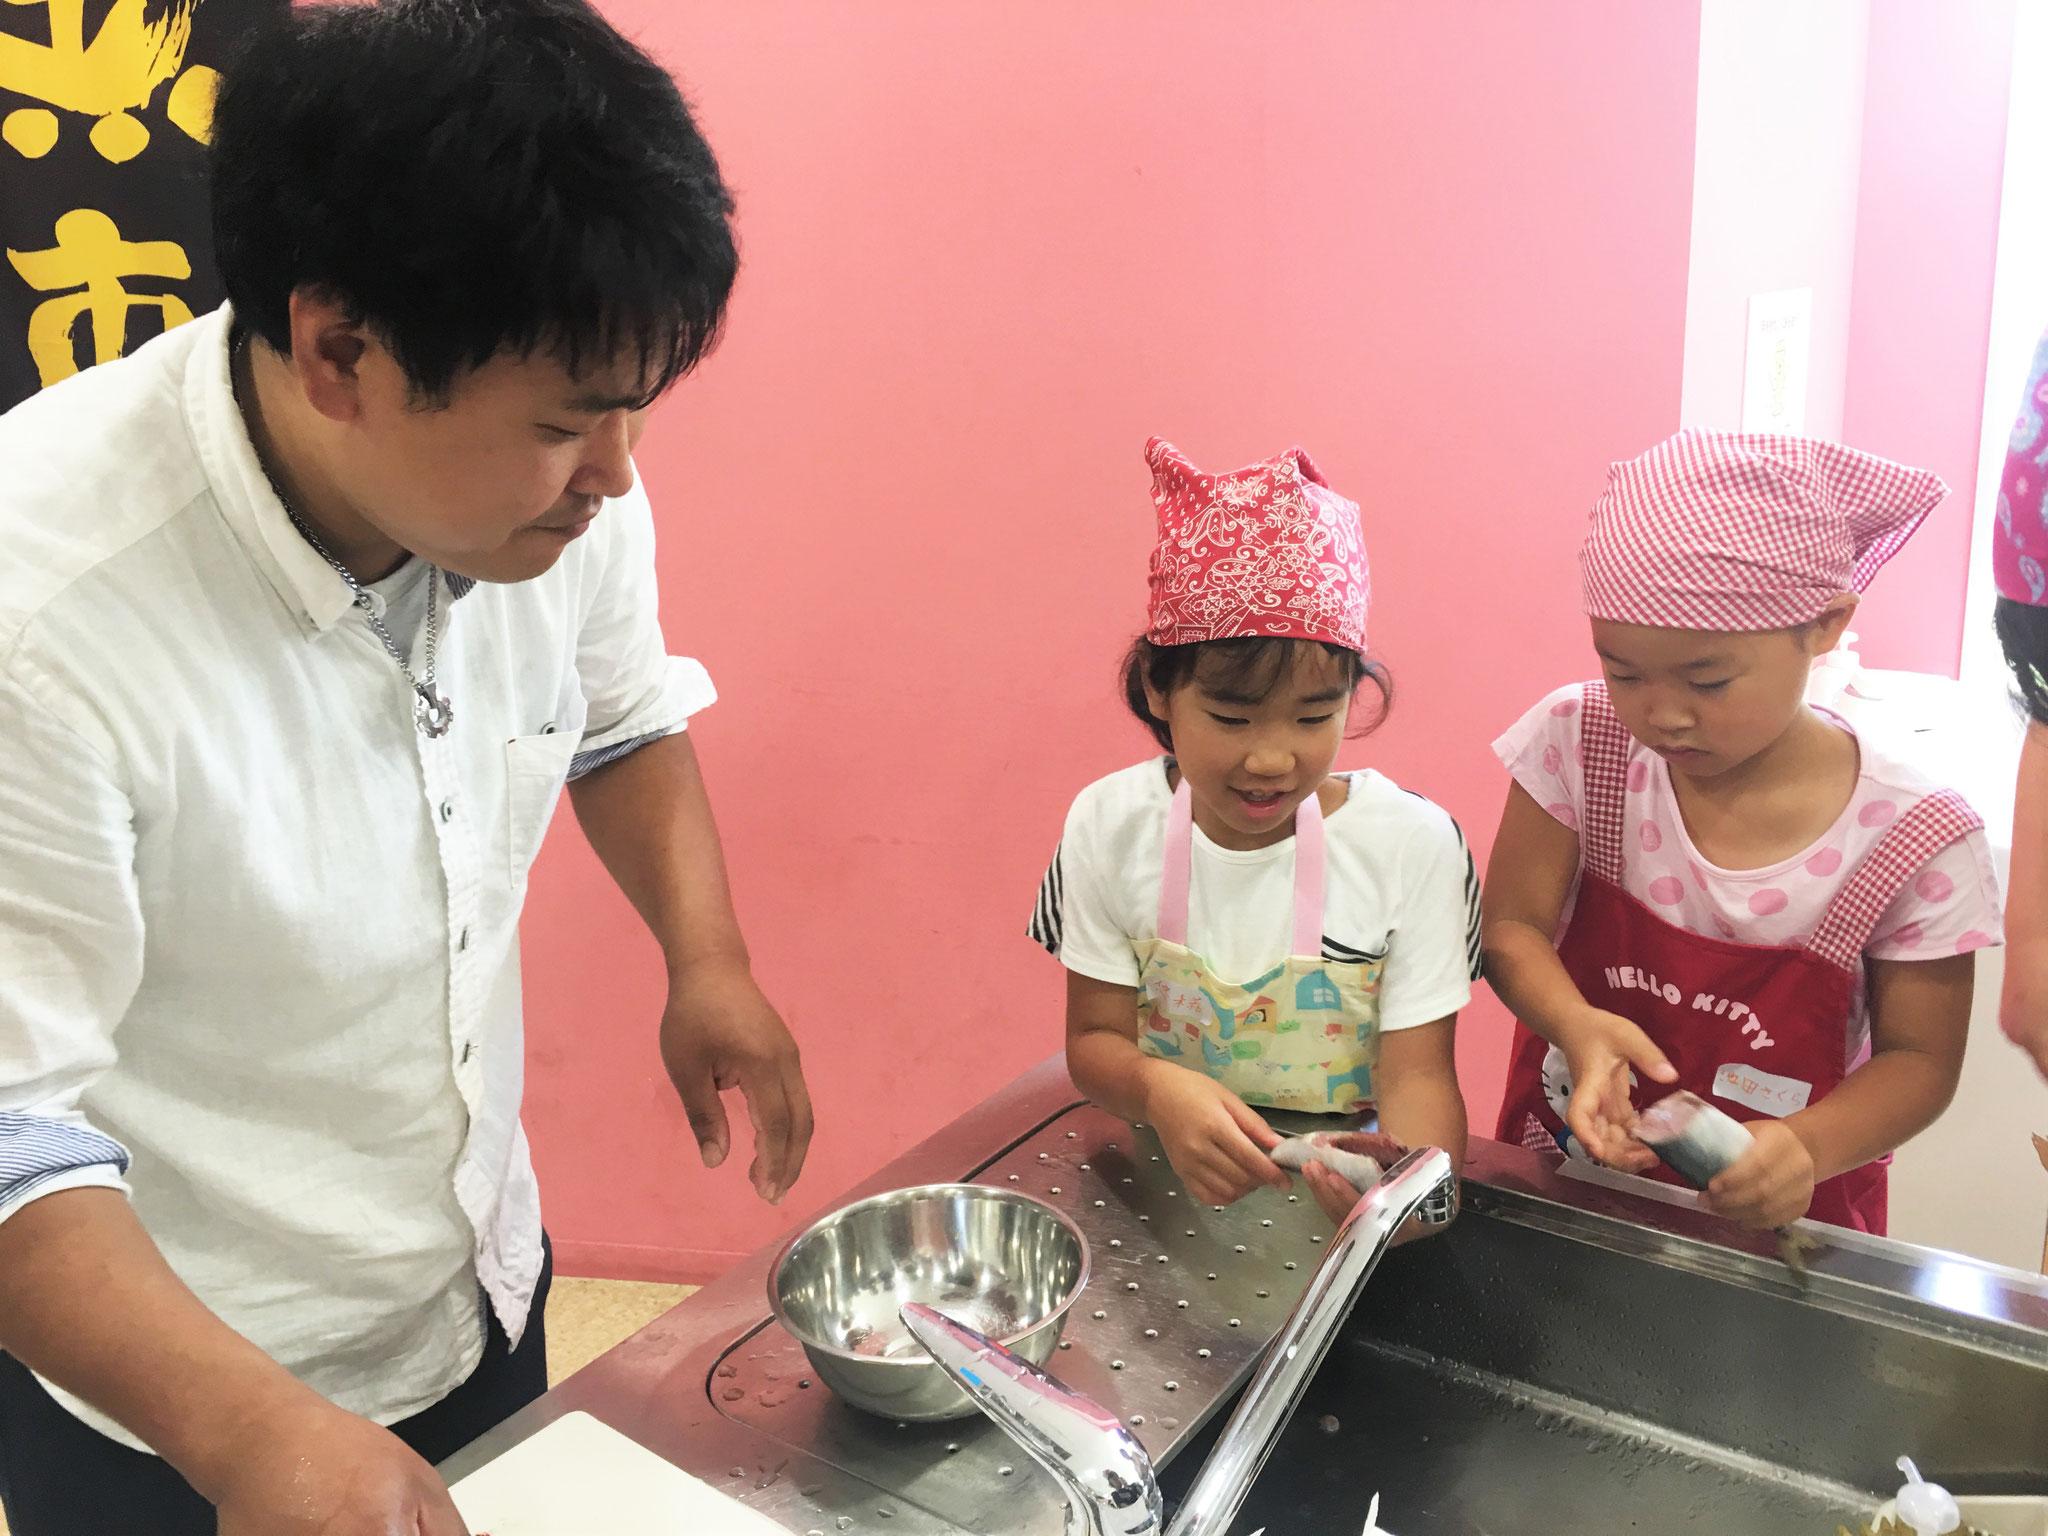 ヤマツ商店、倉八さんより指導を受ける子供たち!